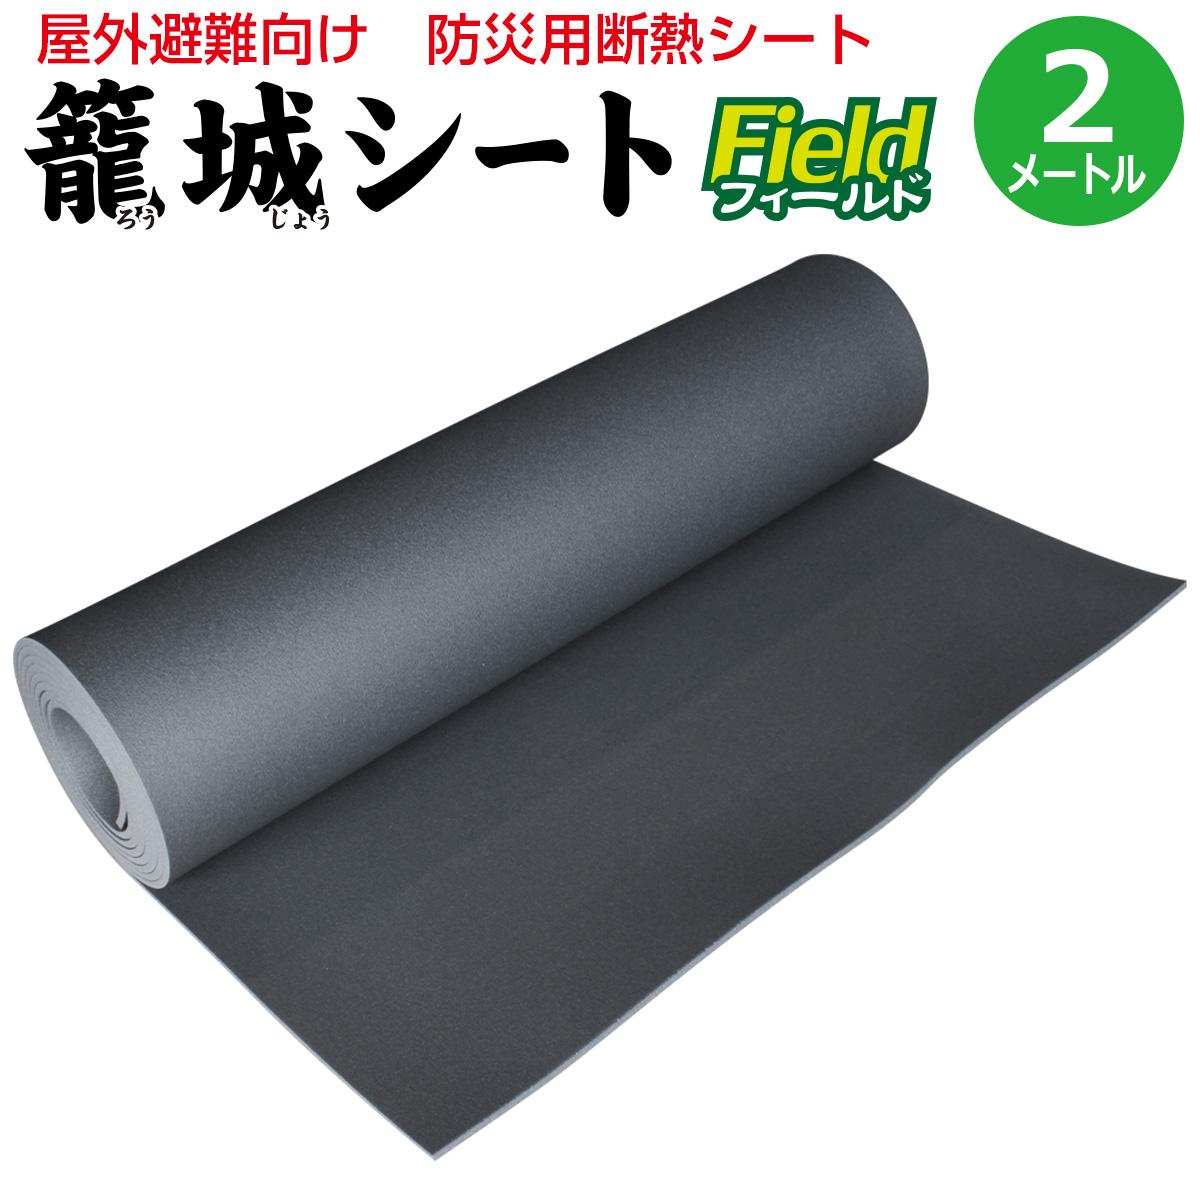 野外避難向け防災用断熱シート 籠城シート・フィールド 2m巻